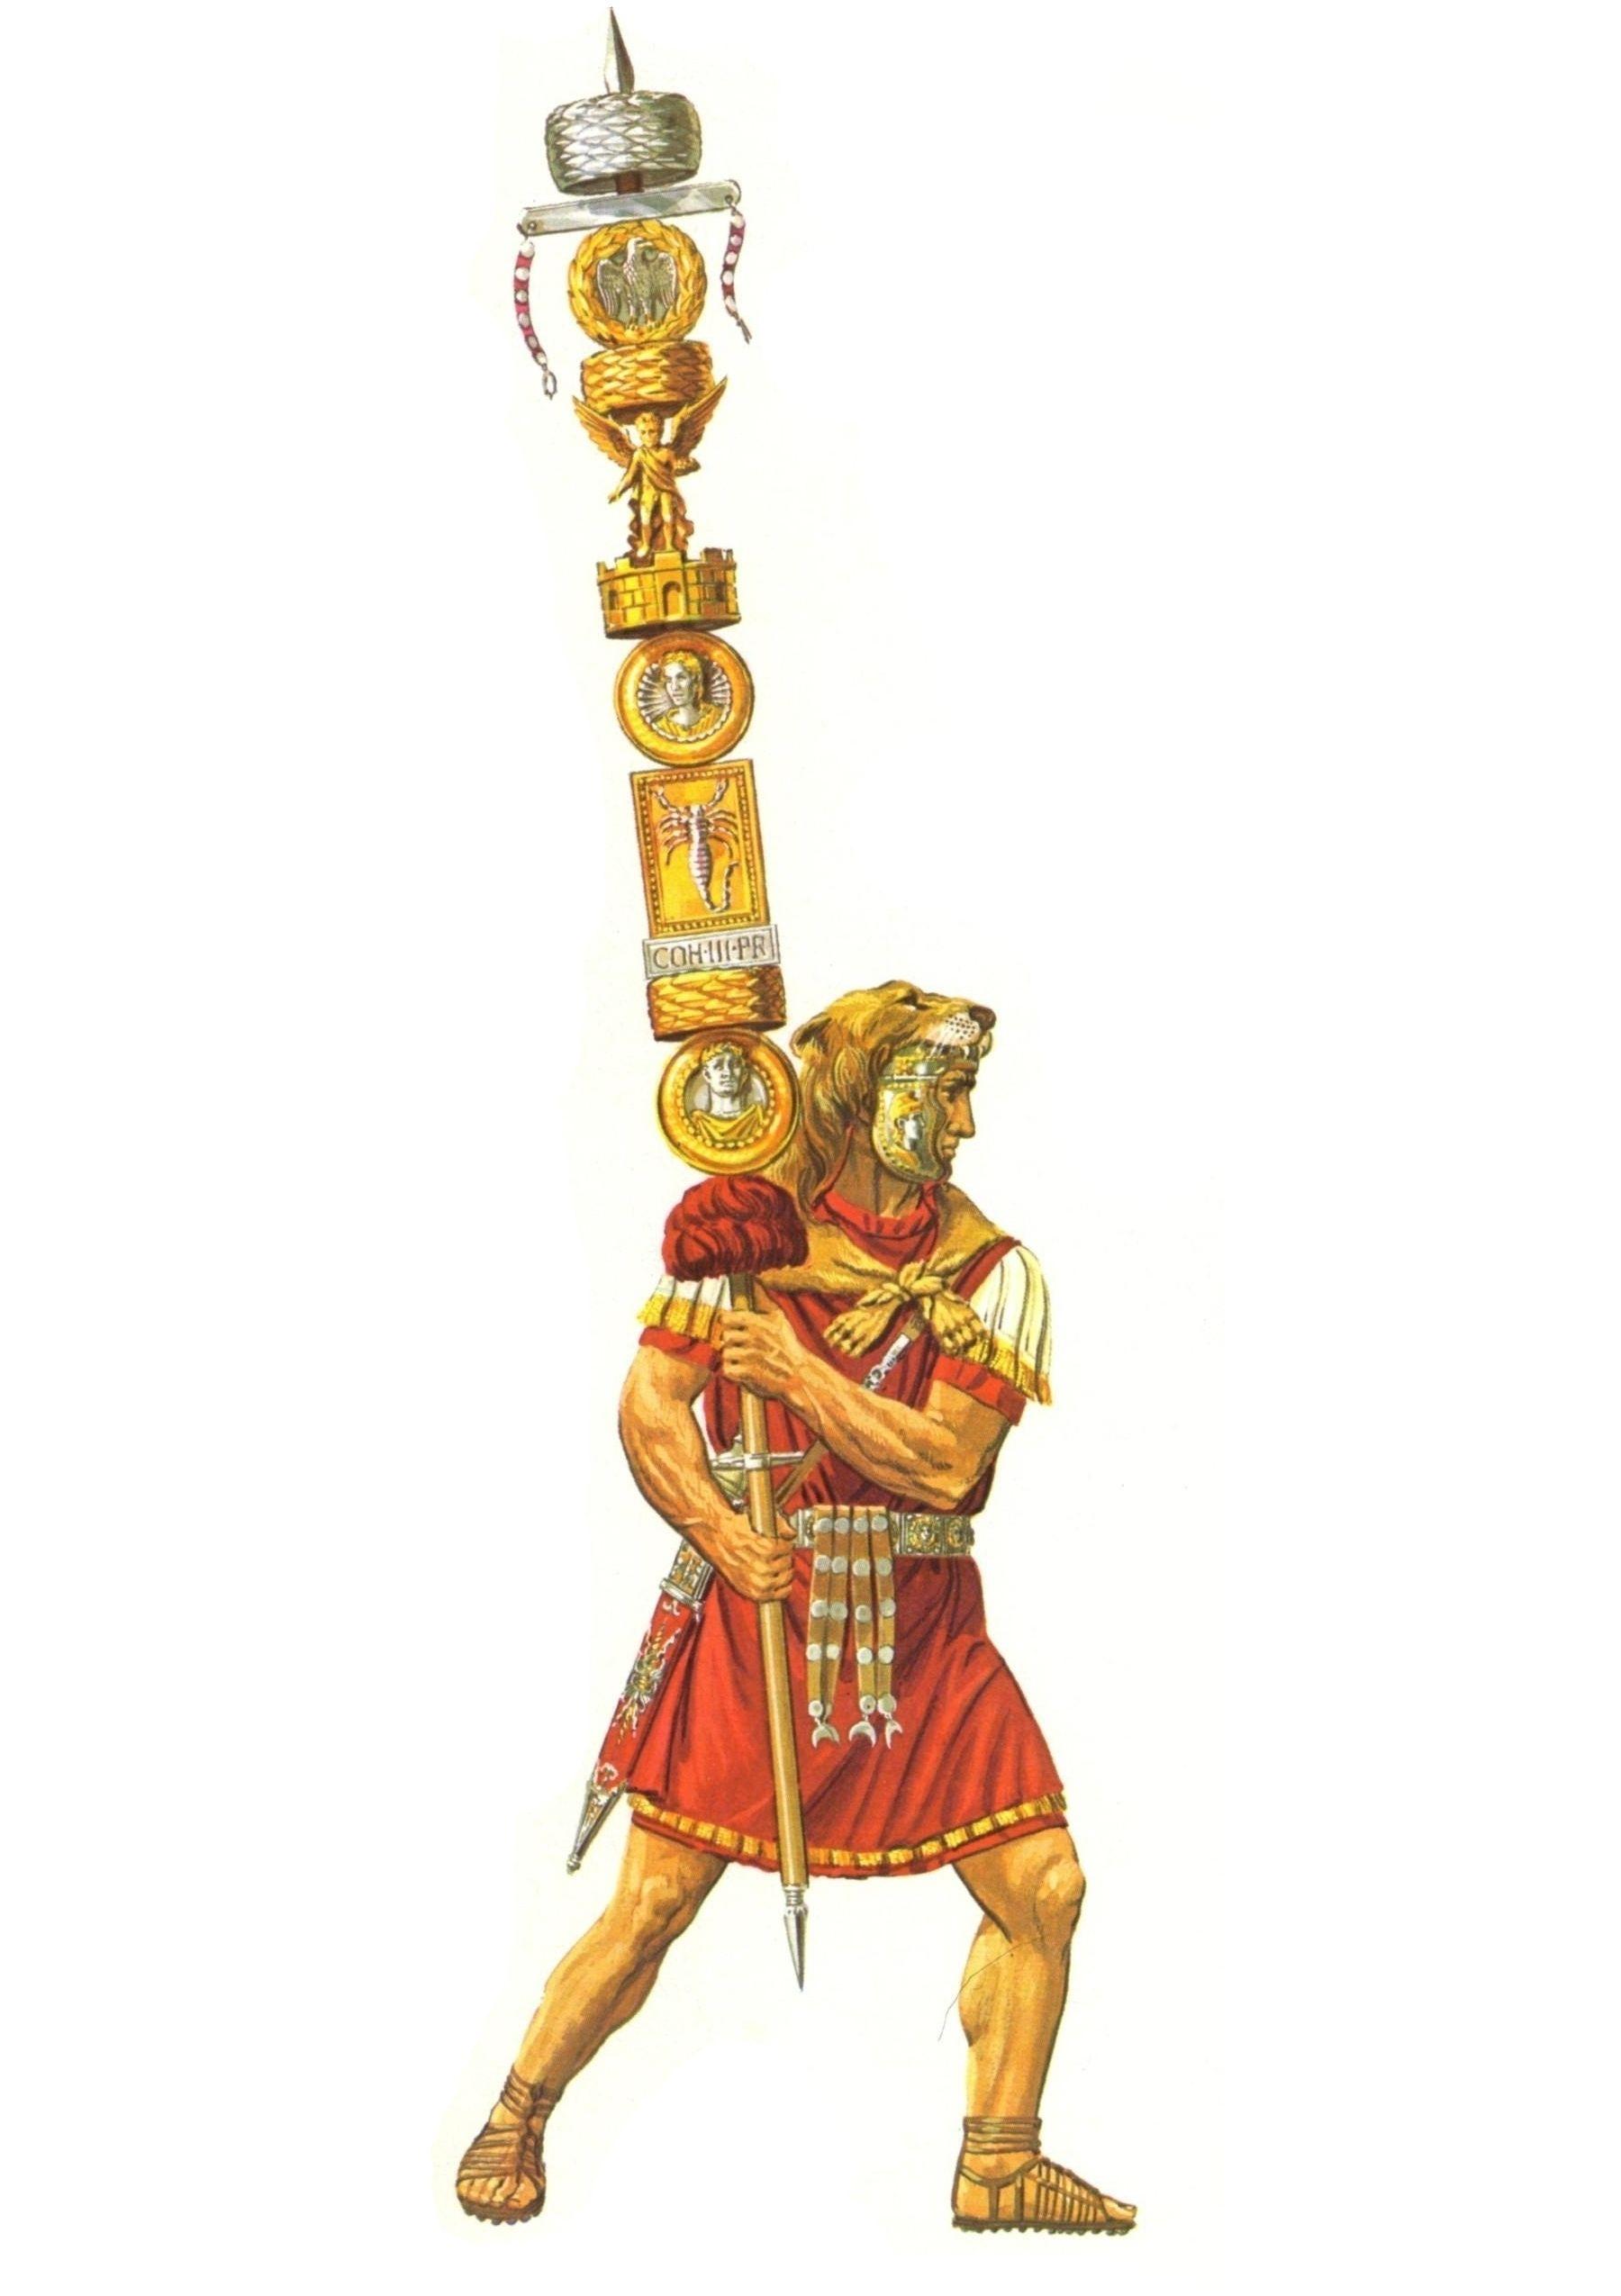 Сигнифёр 3-й преторианской когорты. Период правления императора Нерона.